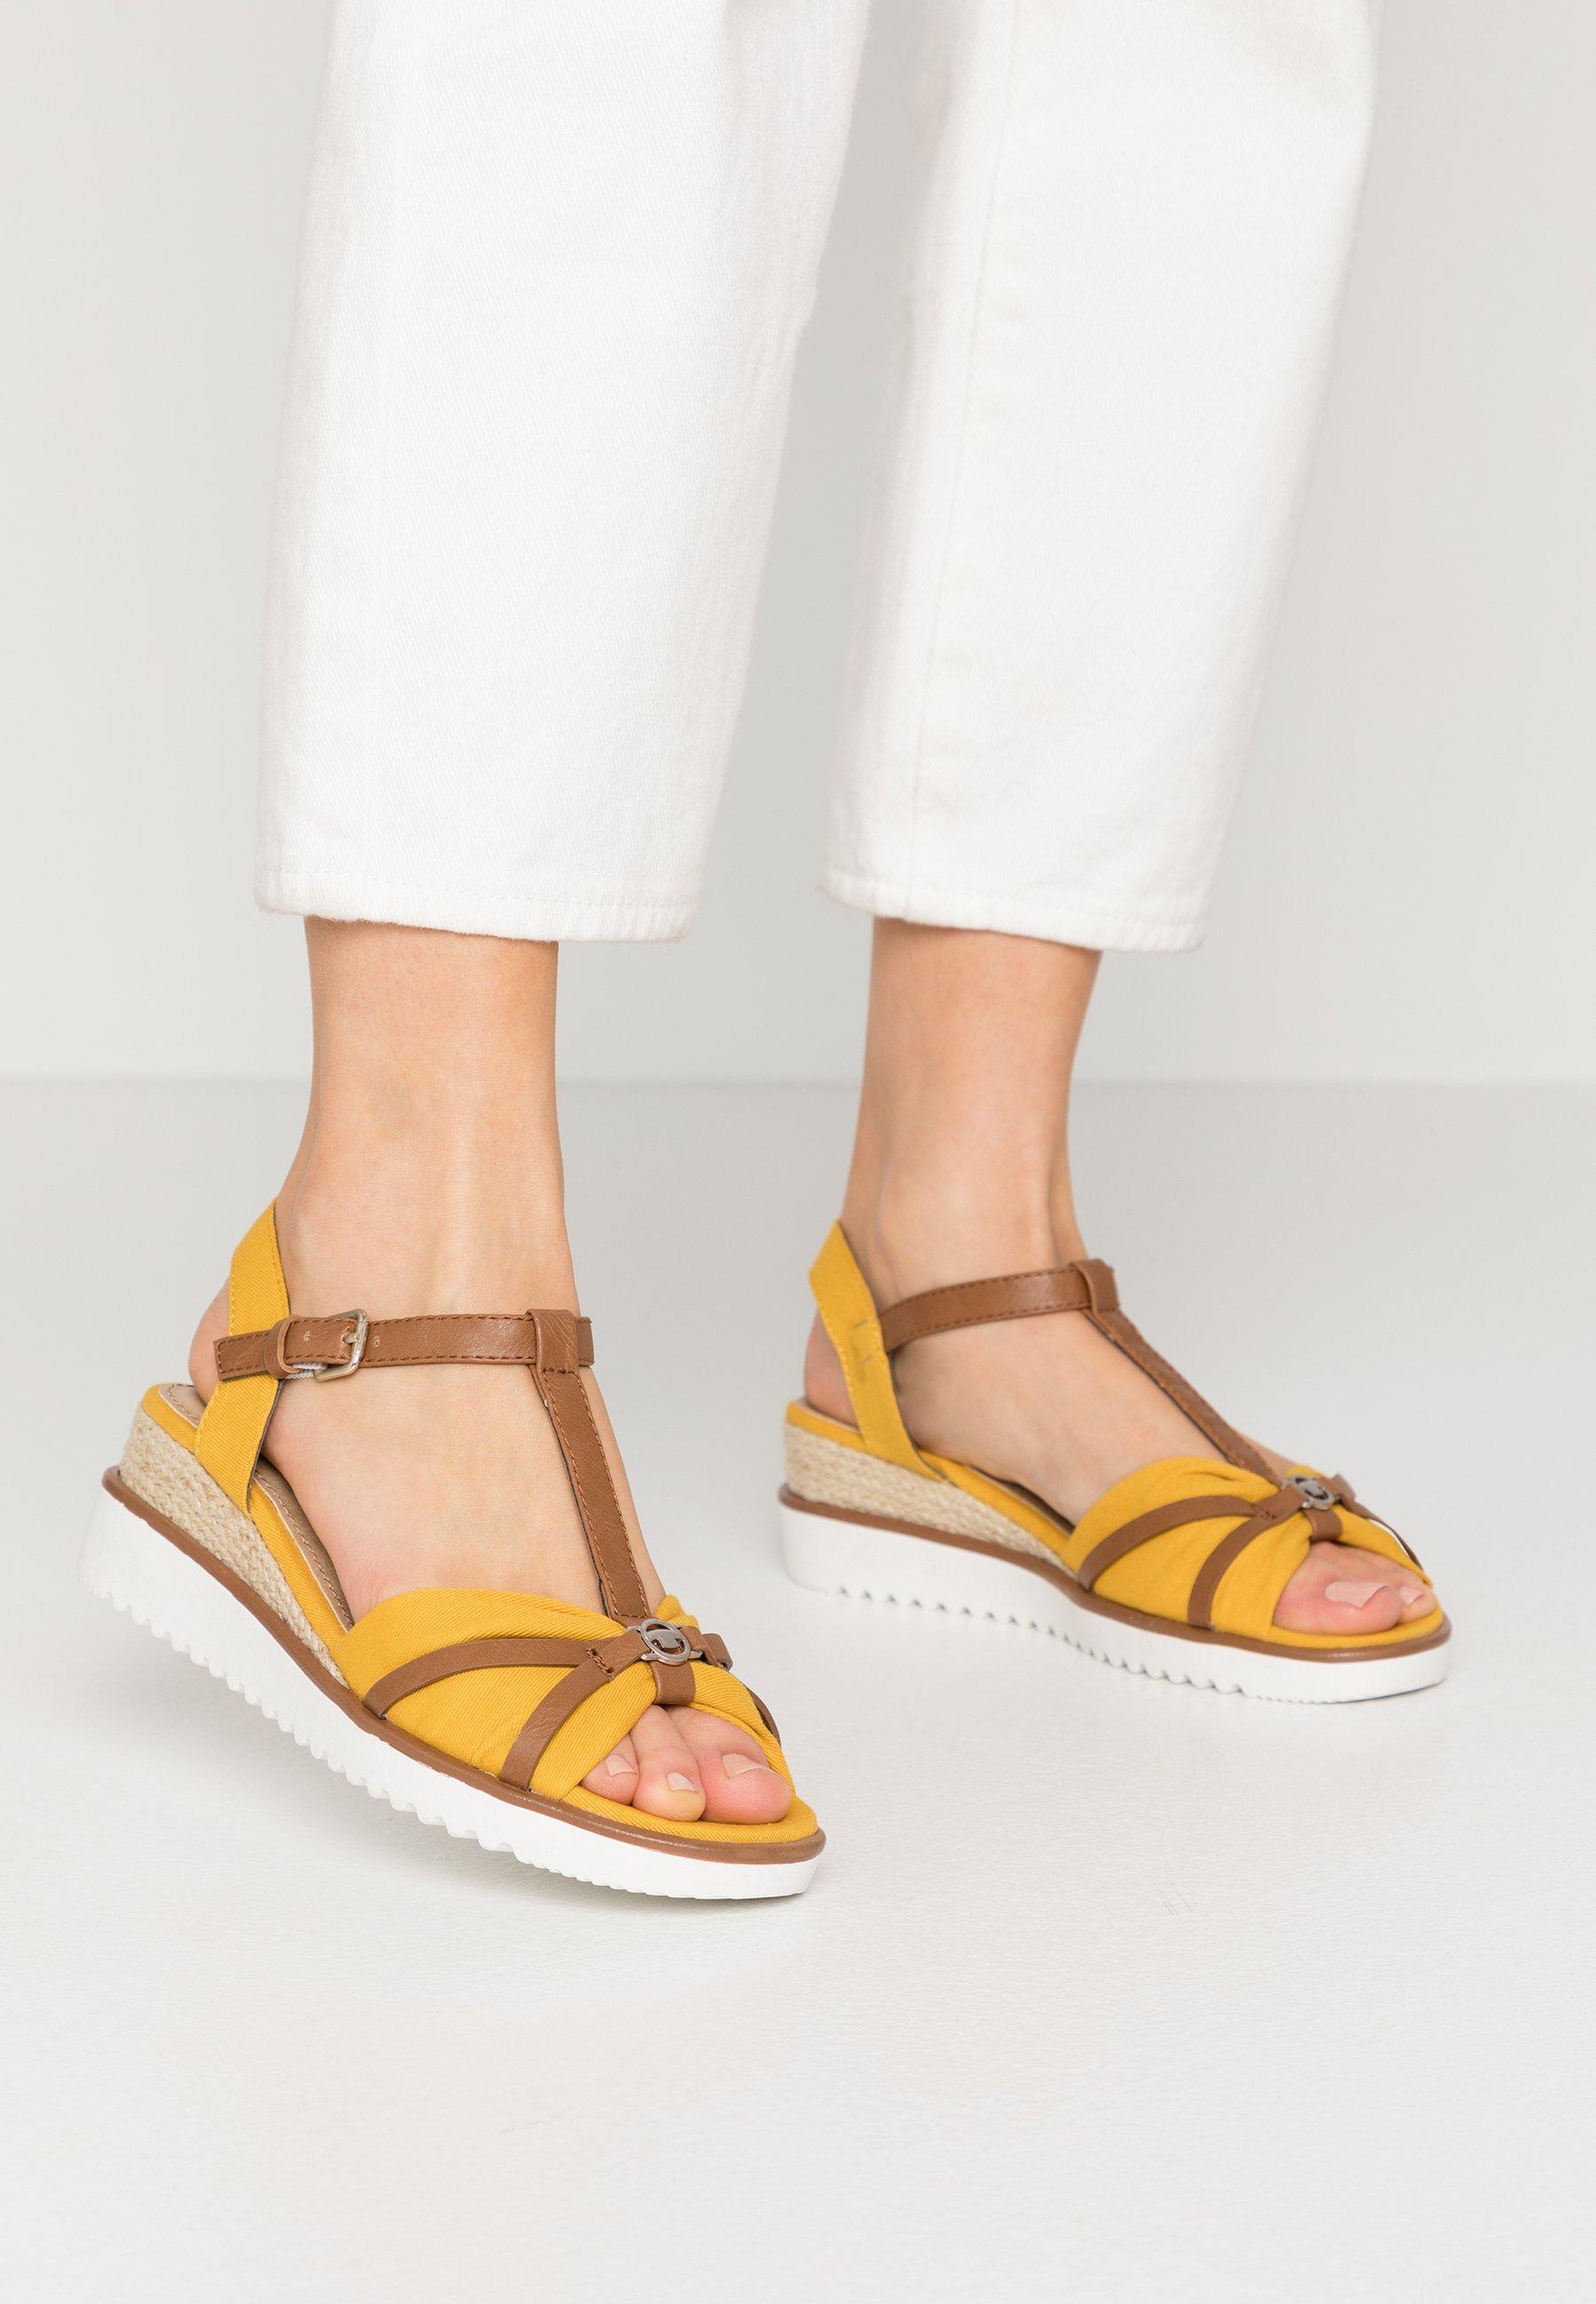 TOM TAILOR Sandales compensées - yellow - Sandales & Nu-pieds femme Limité